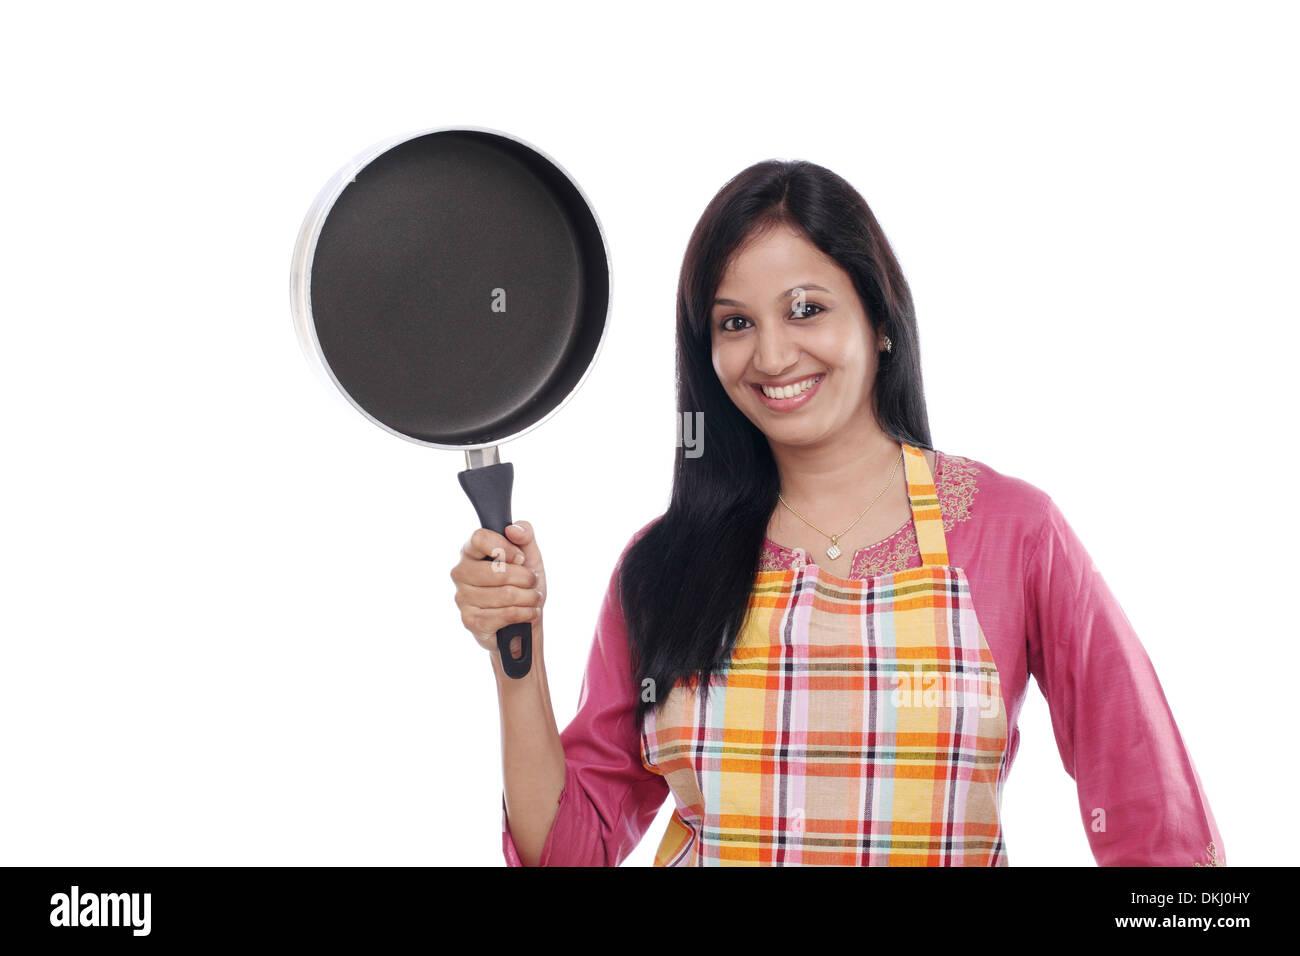 Junge indische Frau hält Küchenutensil vor weißem Hintergrund Stockbild